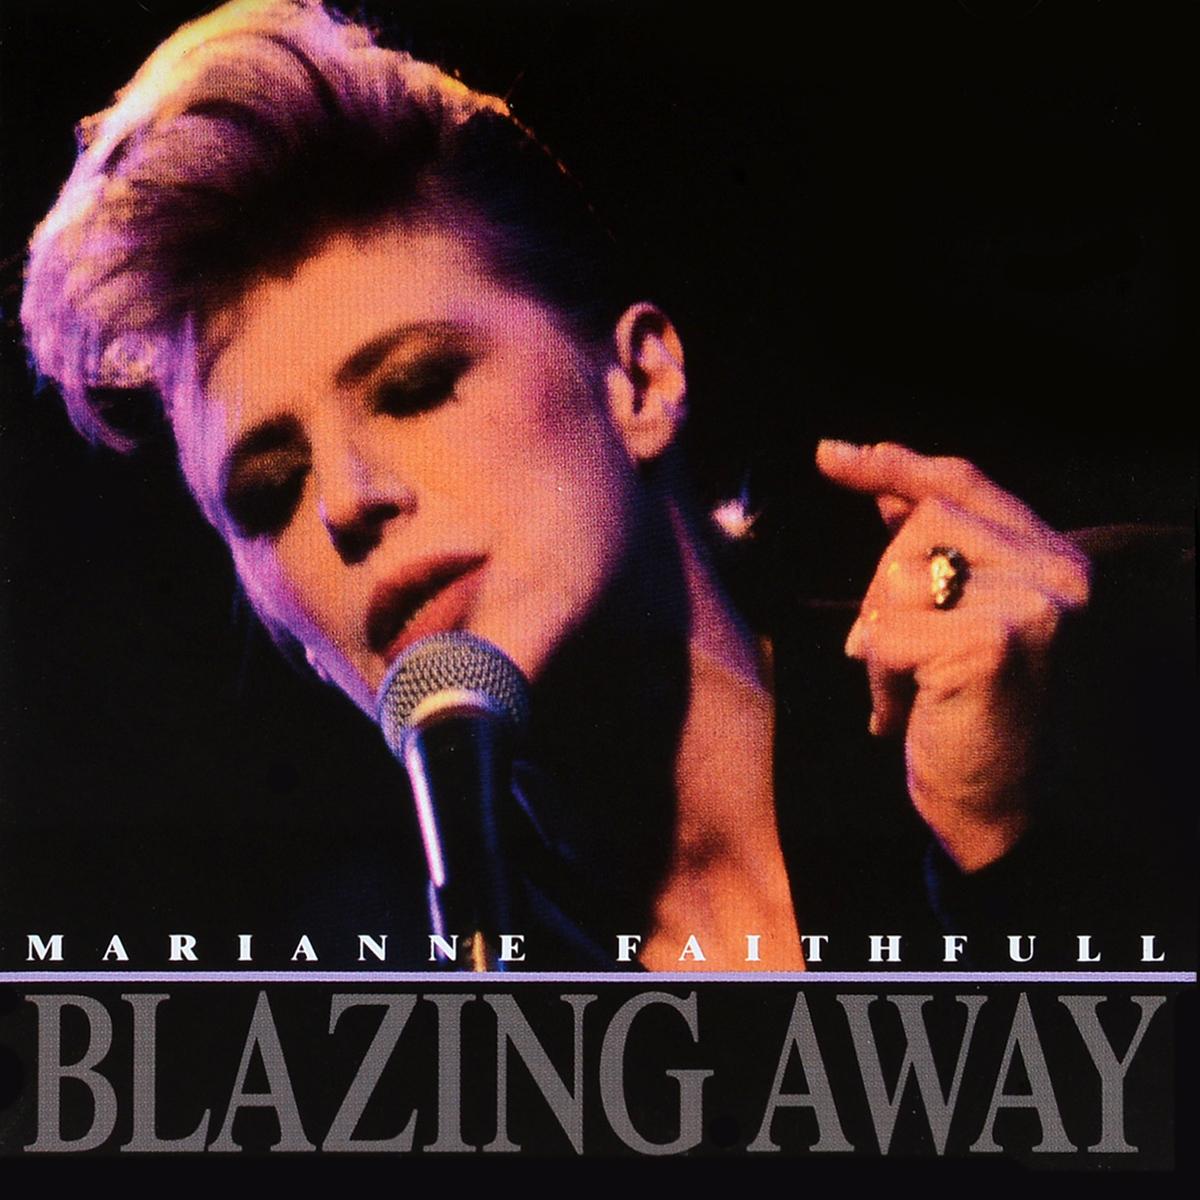 Мэриэнн Фэйтфулл Marianne Faithfull. Blazing Away marianne faithfull marianne faithfull broken english